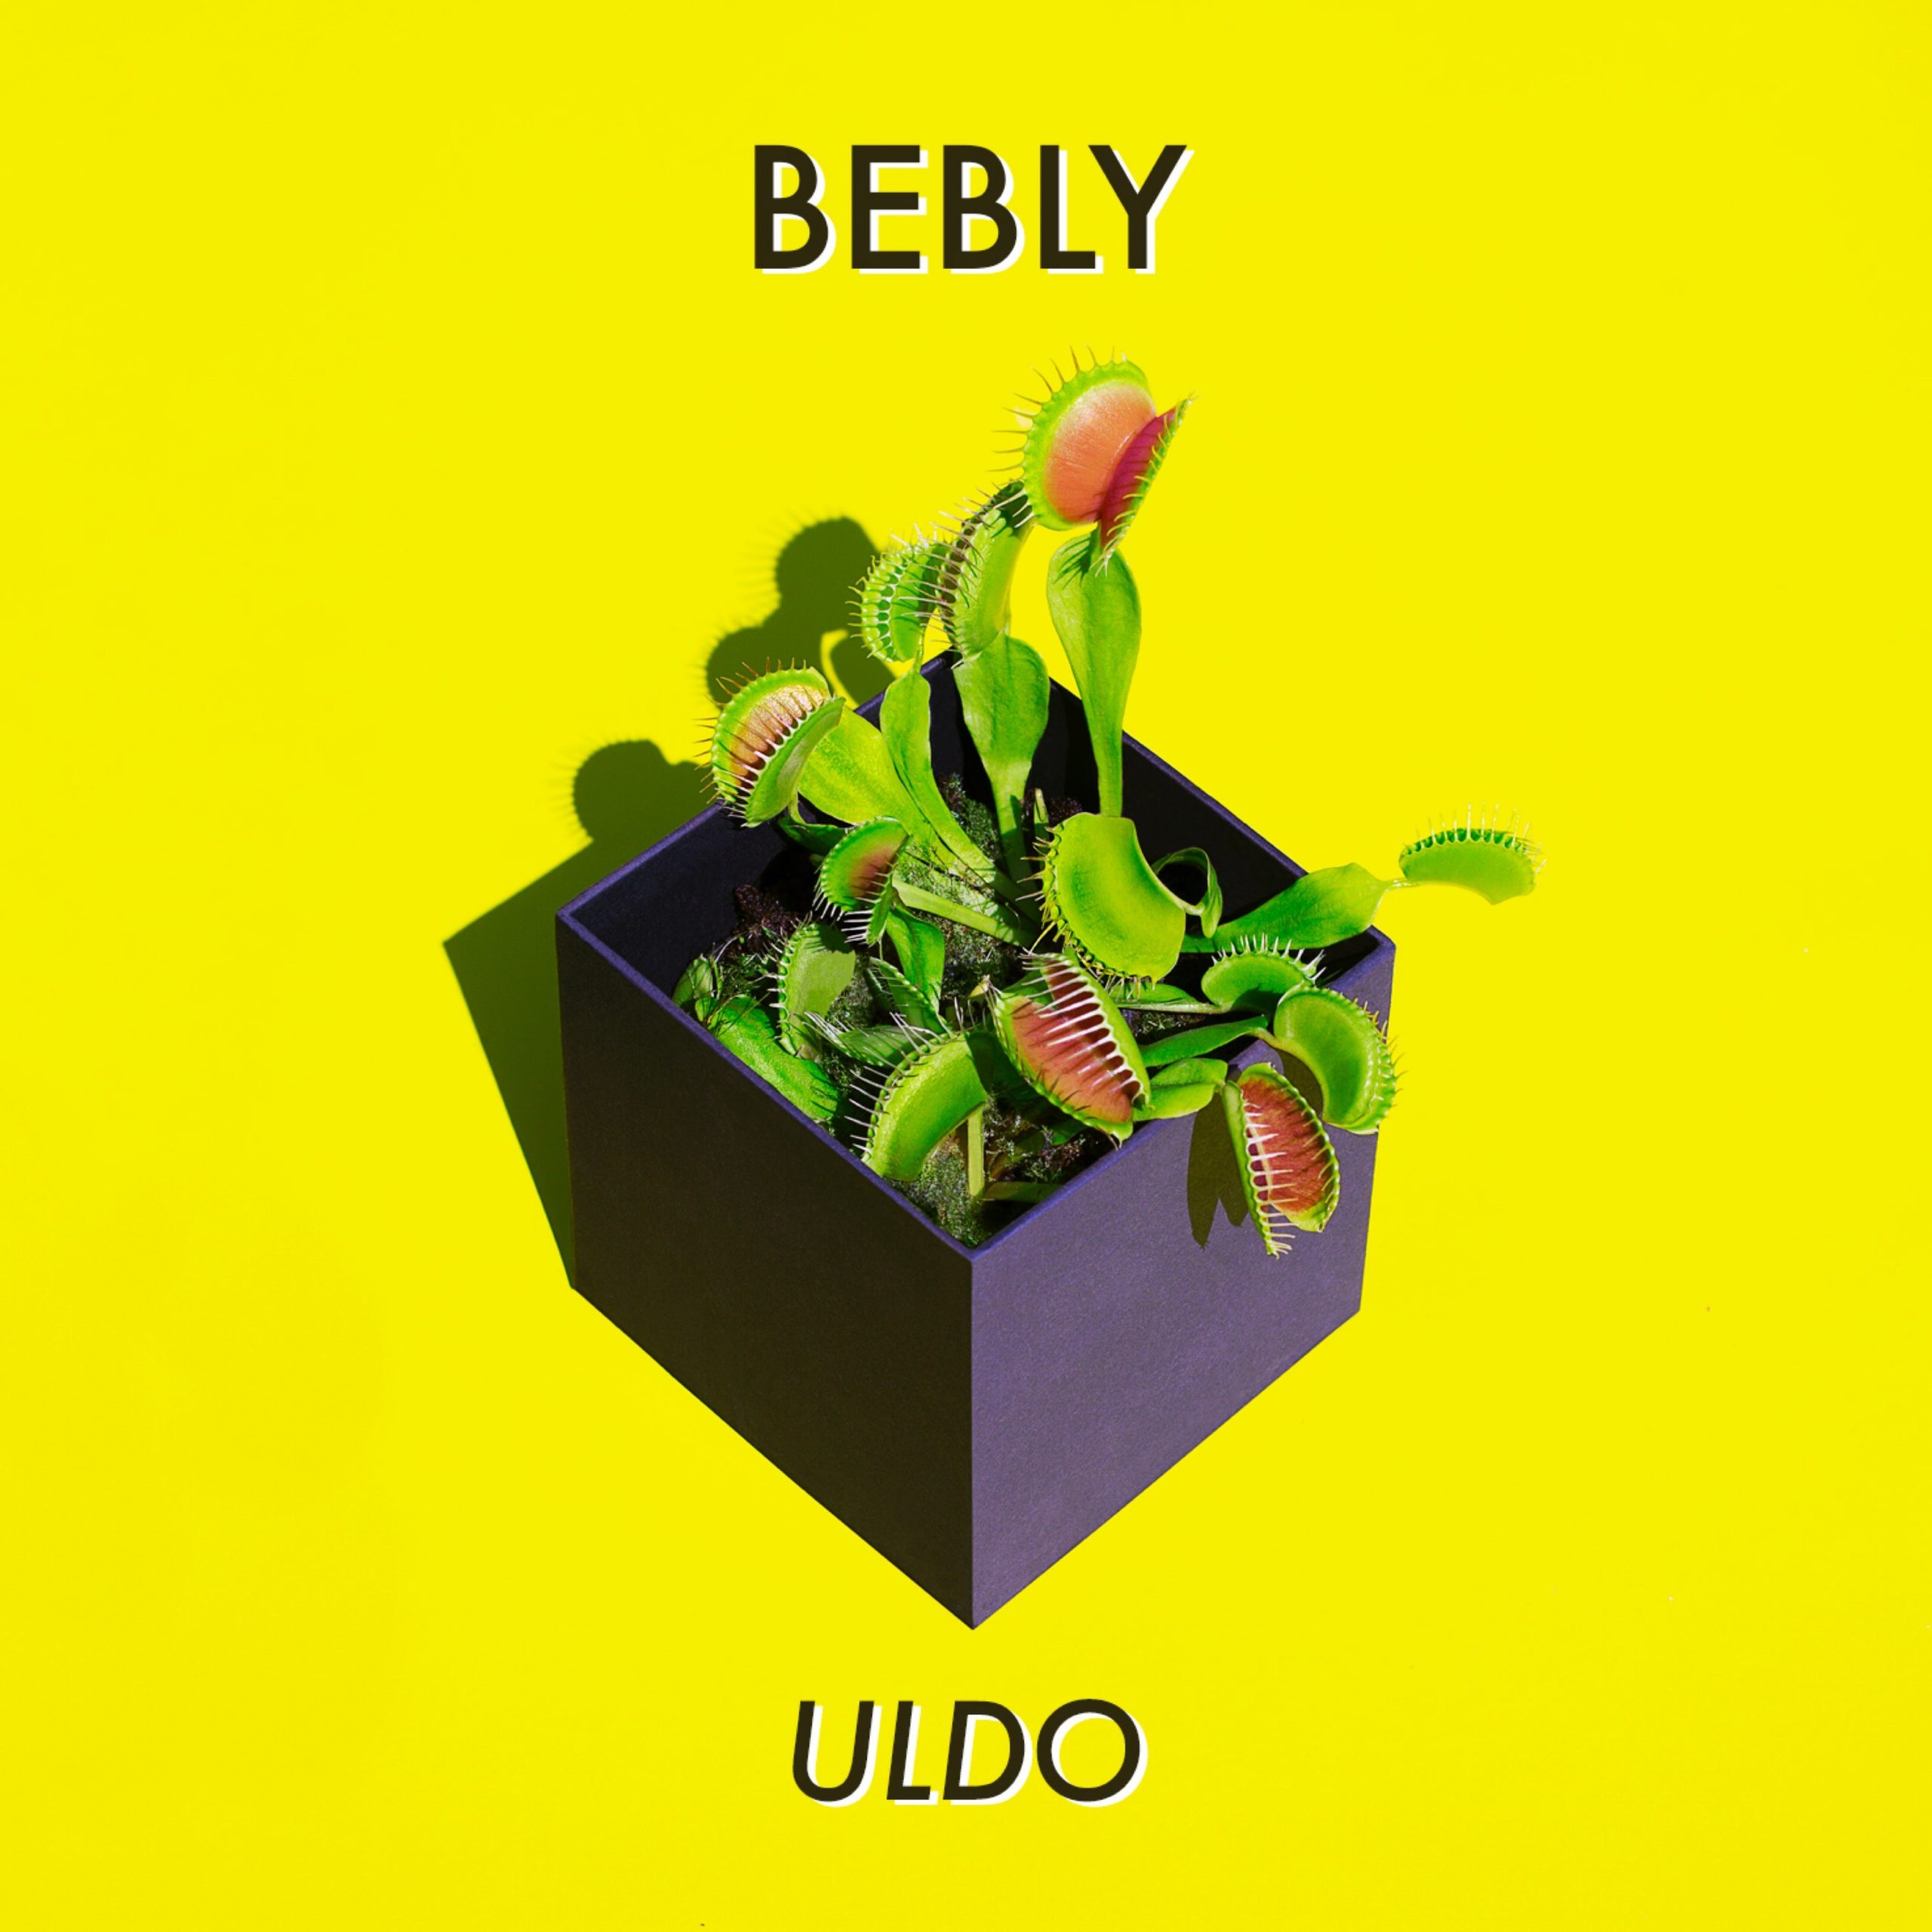 """Résultat de recherche d'images pour """"uldo bebly ep"""""""